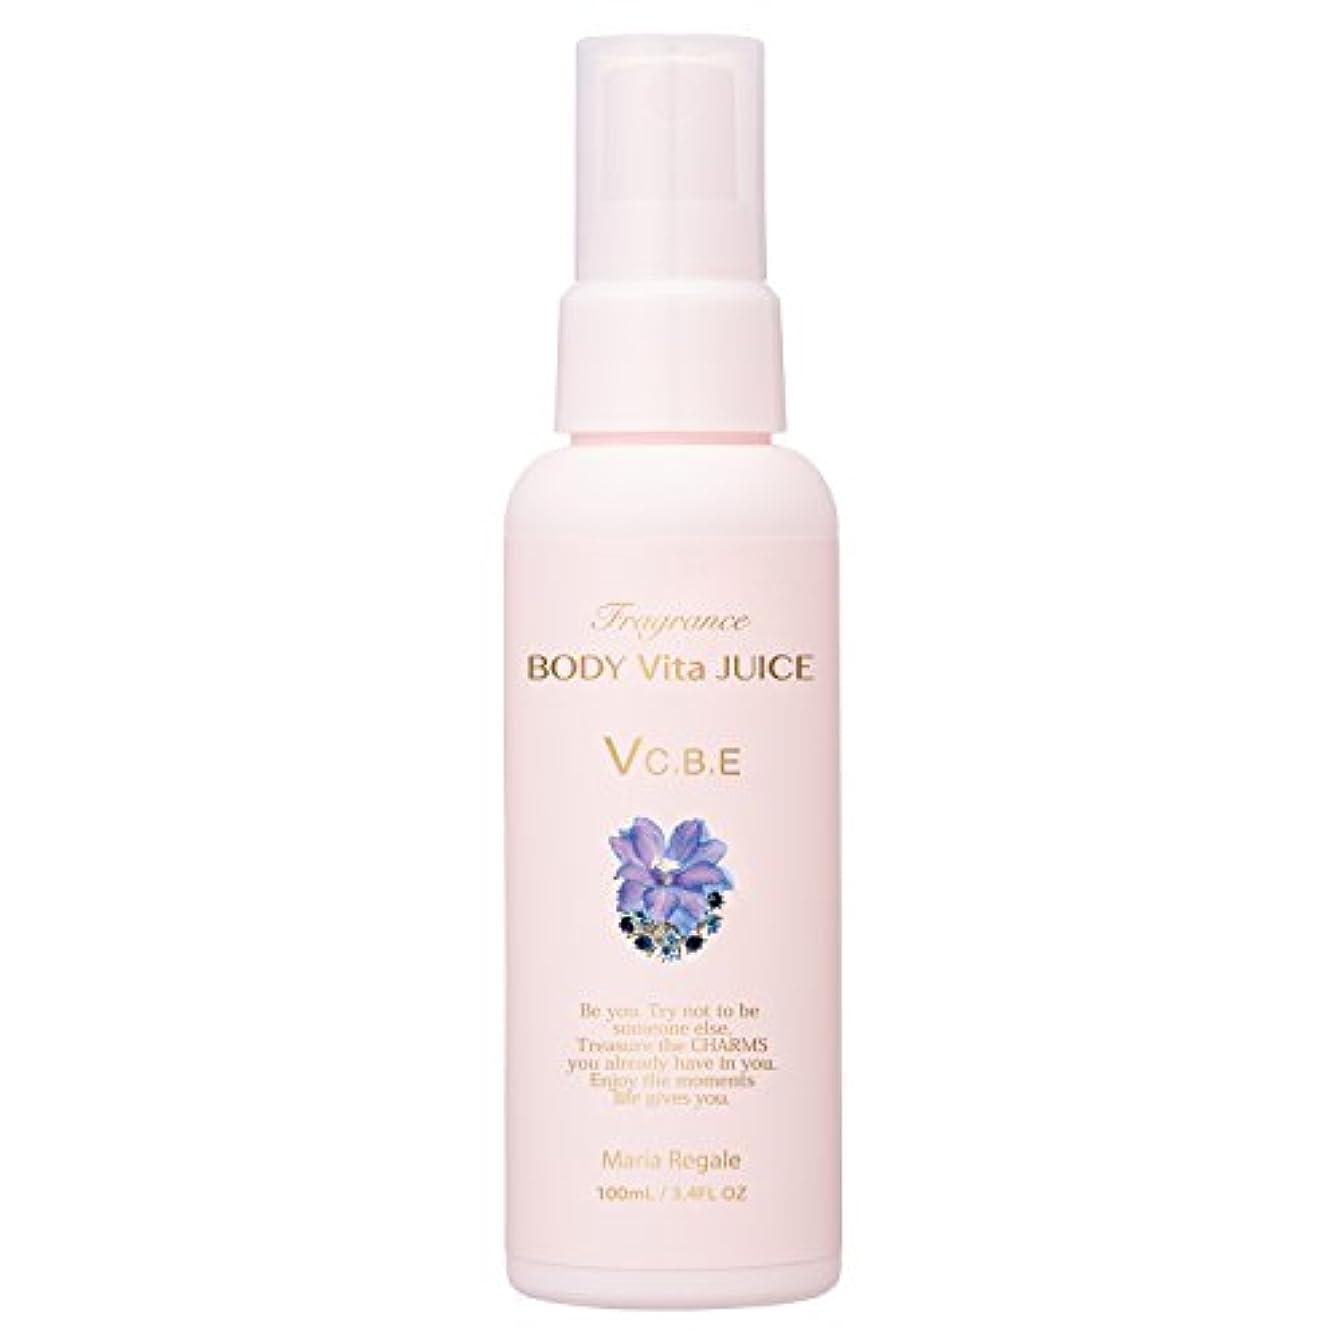 レプリカ生じる変換するFERNANDA(フェルナンダ) Body Vita Juice Maria Regale(ボディビタジュース マリアリゲル)